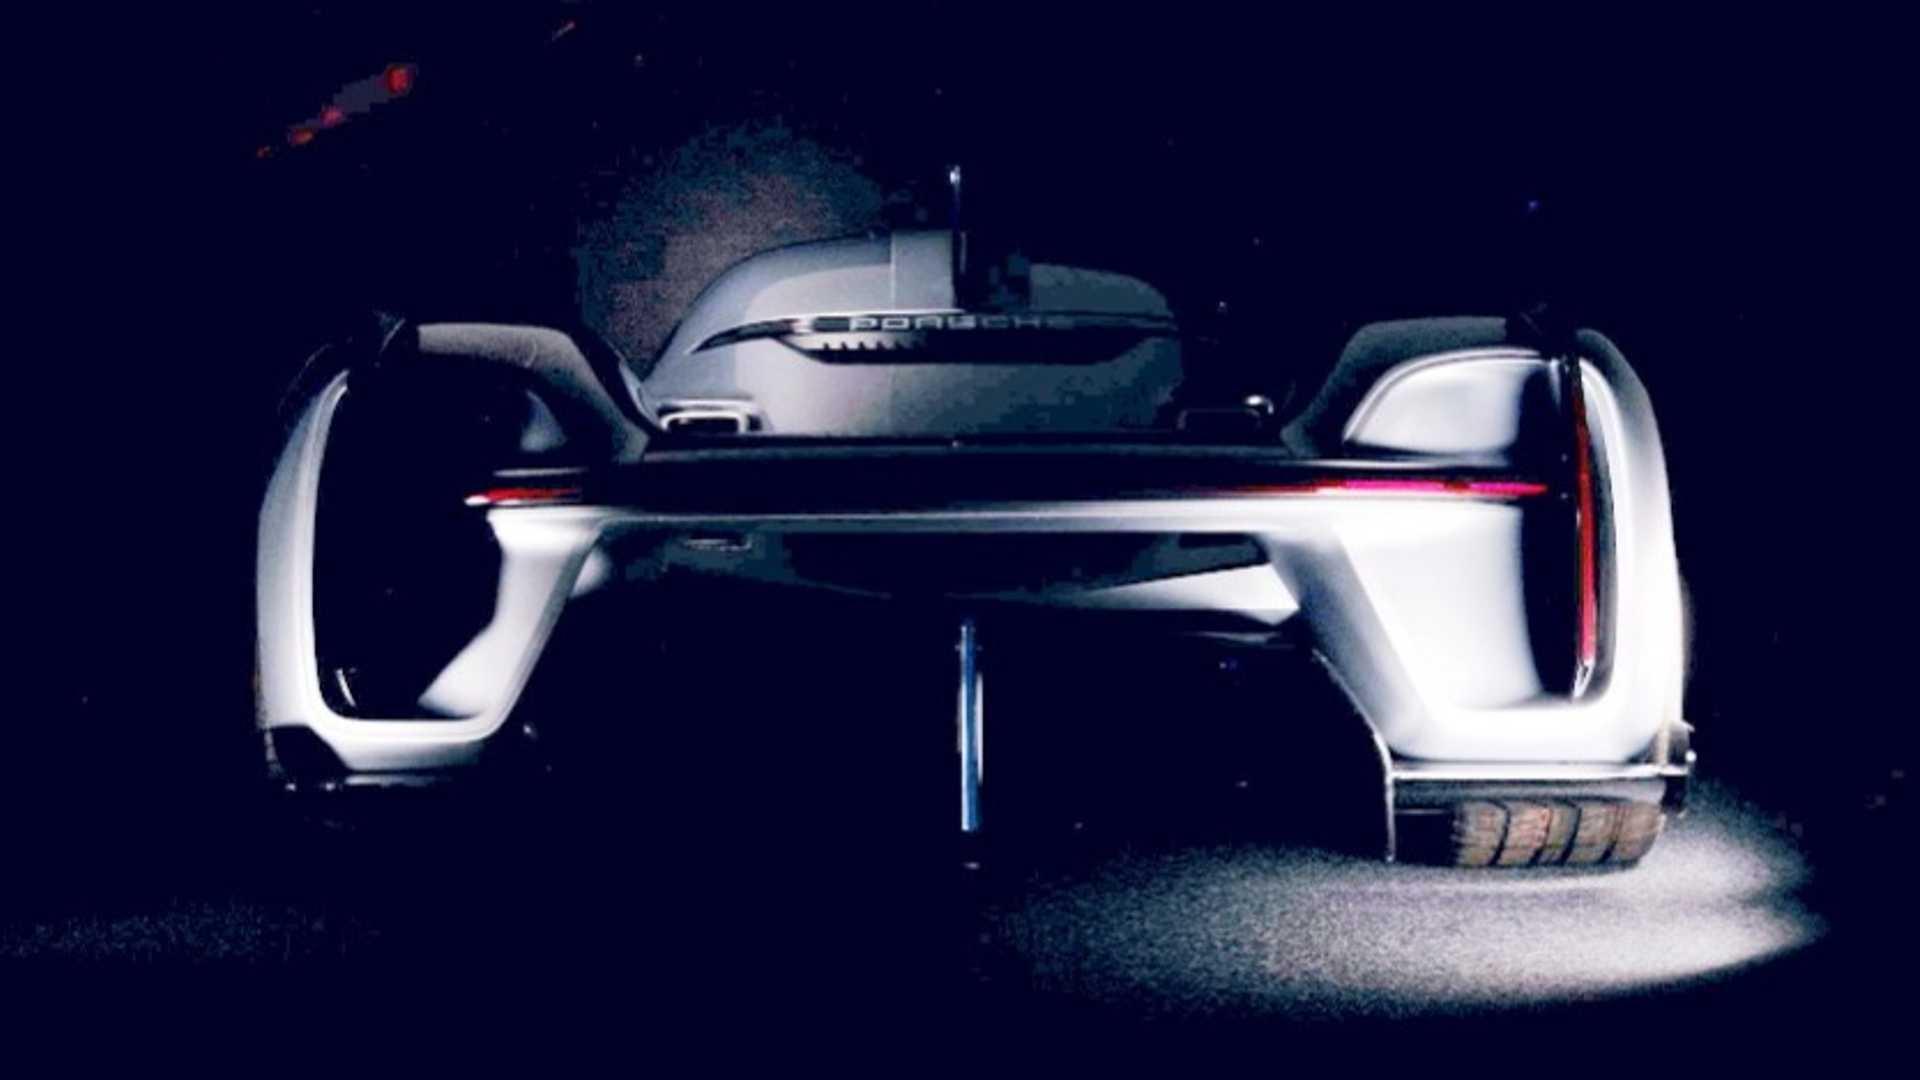 Porsche Teases Privateer Race Car It Never Built